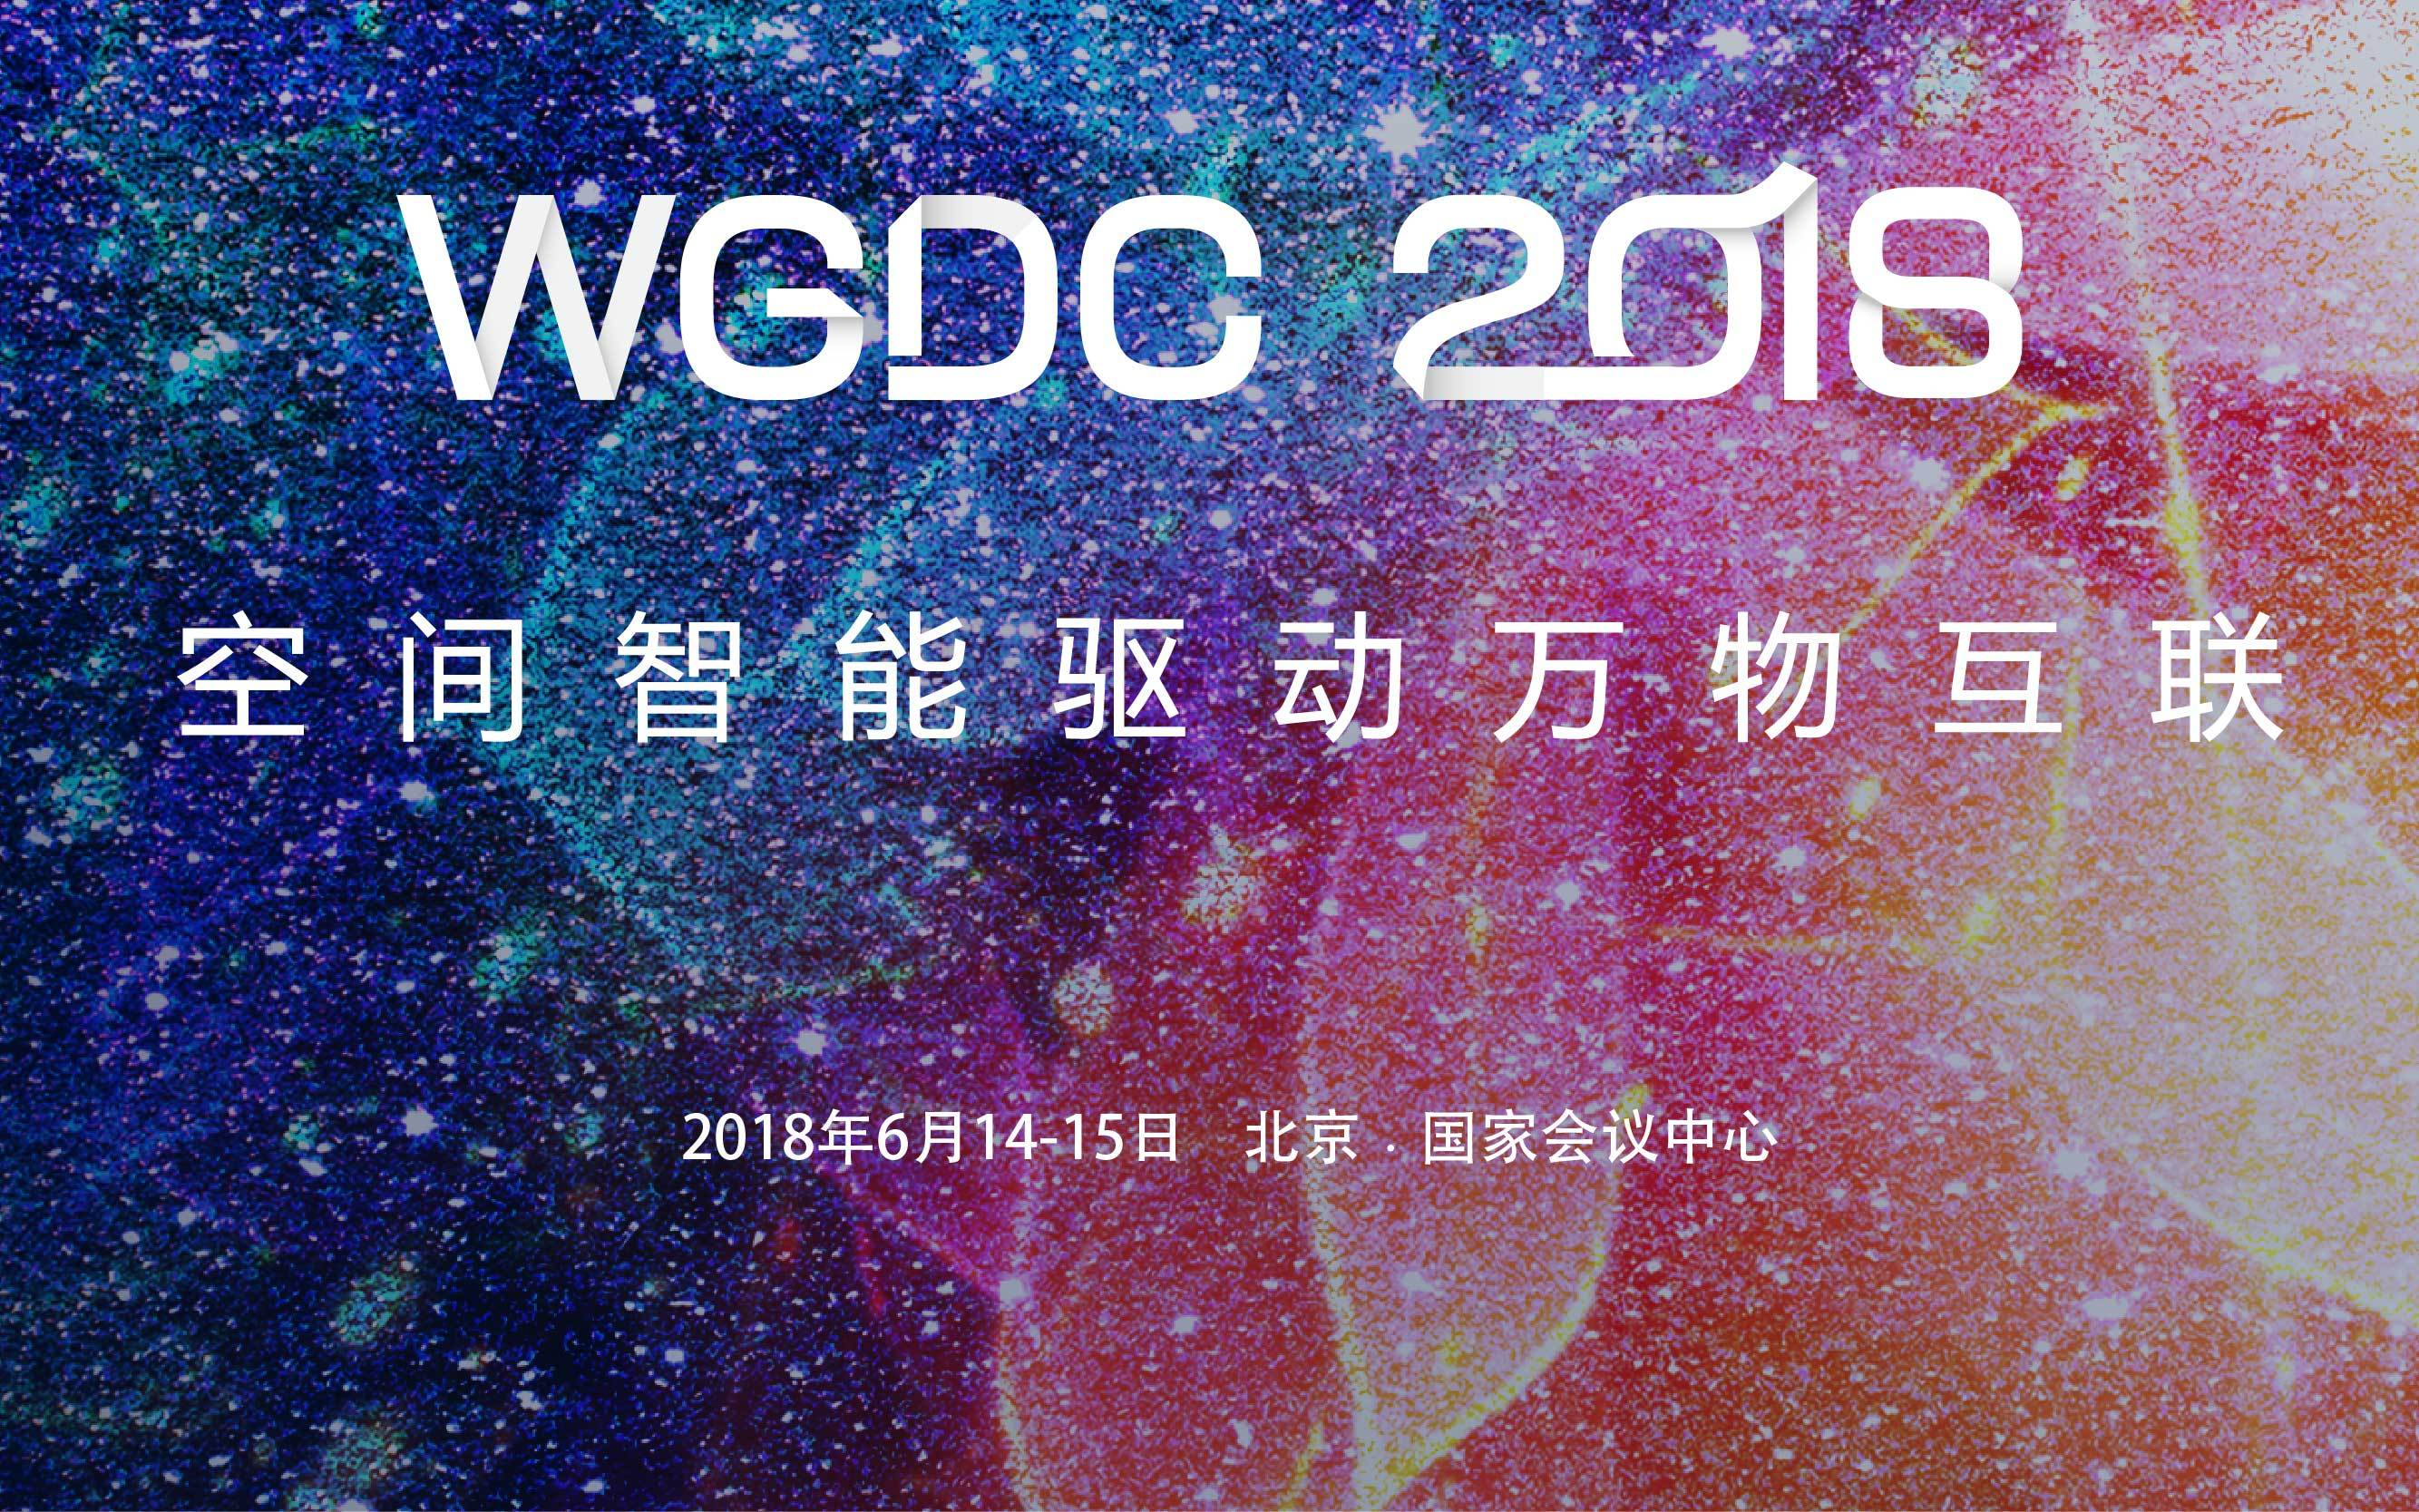 WGDC 2018地理信息开发者大会